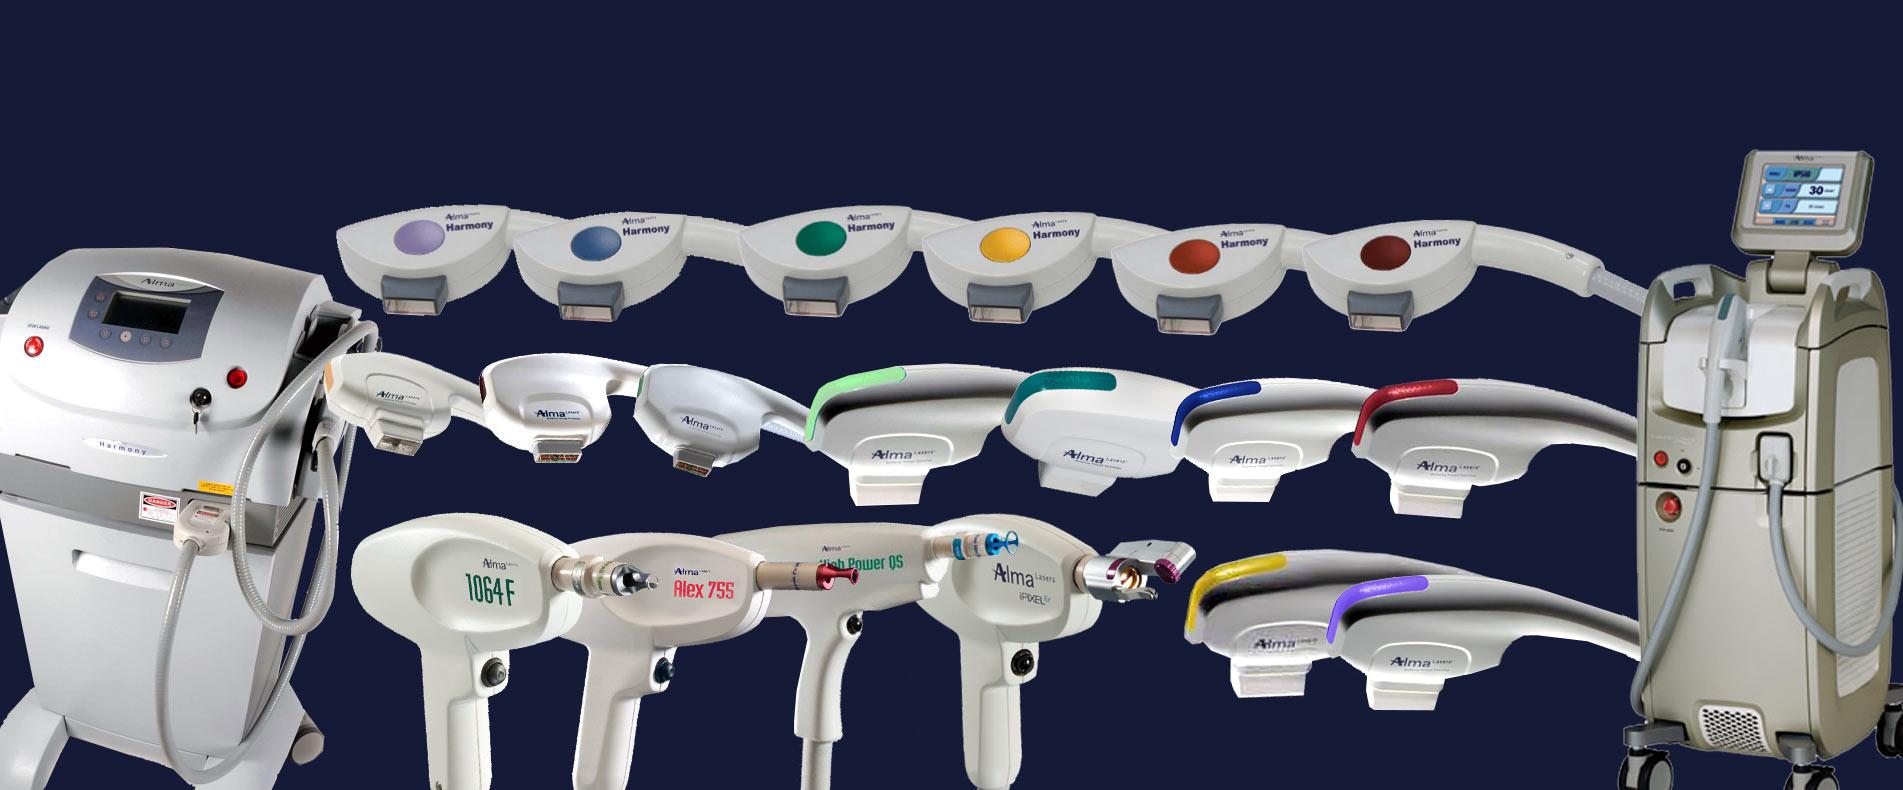 harmony handpiece repair